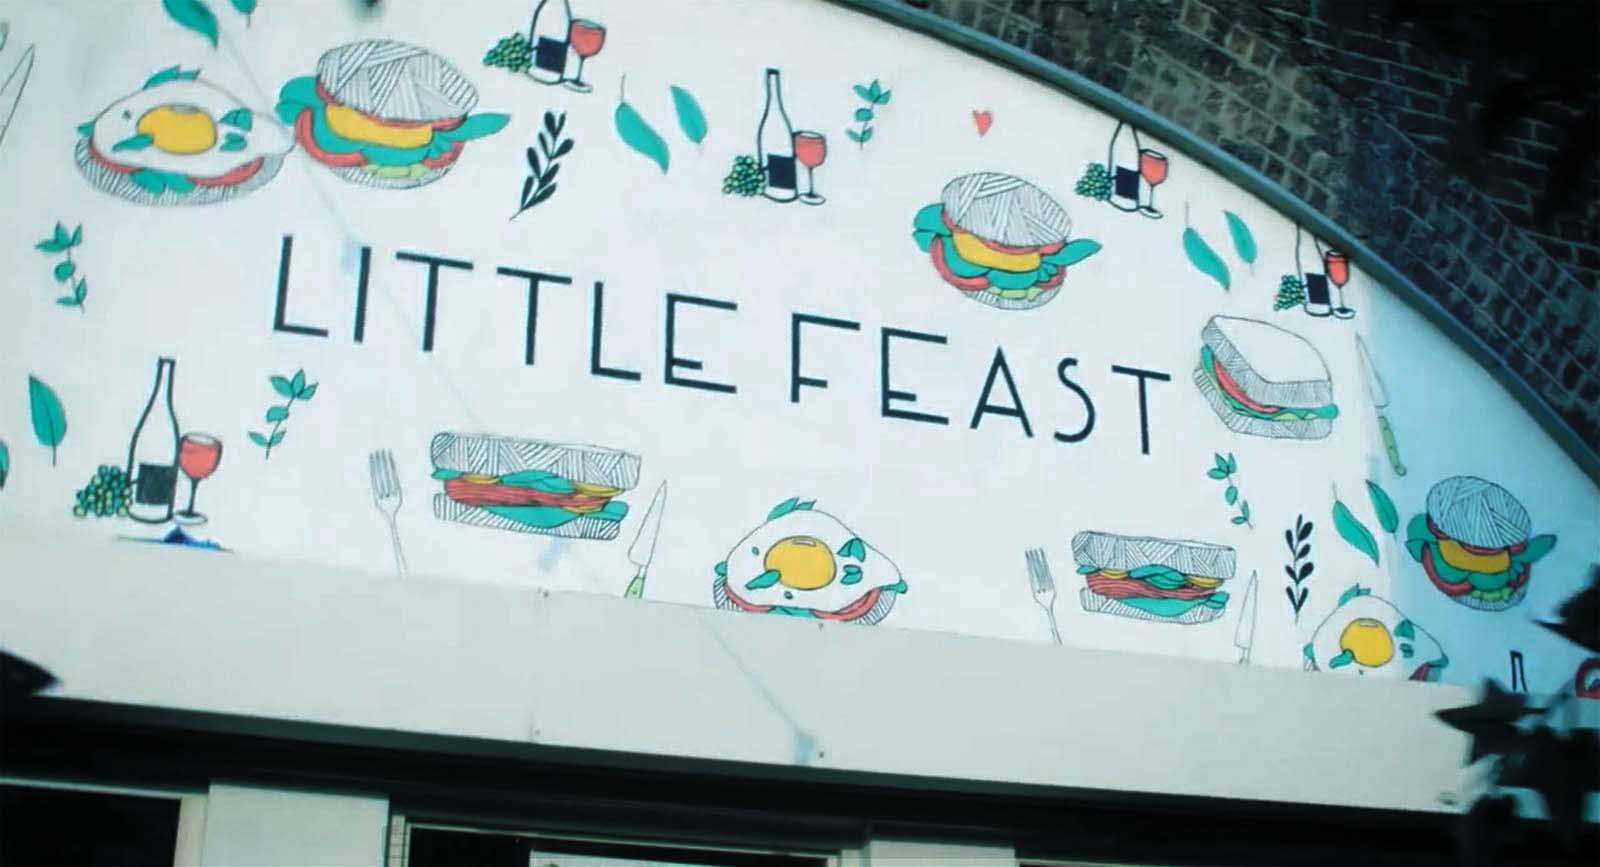 little feast